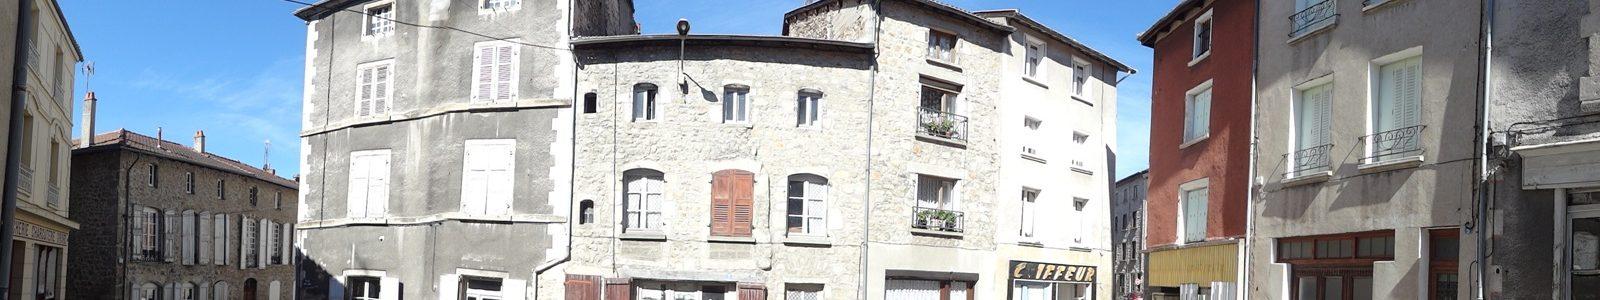 Centre bourg de Craponne-sur-Arzon - Vue panoramique